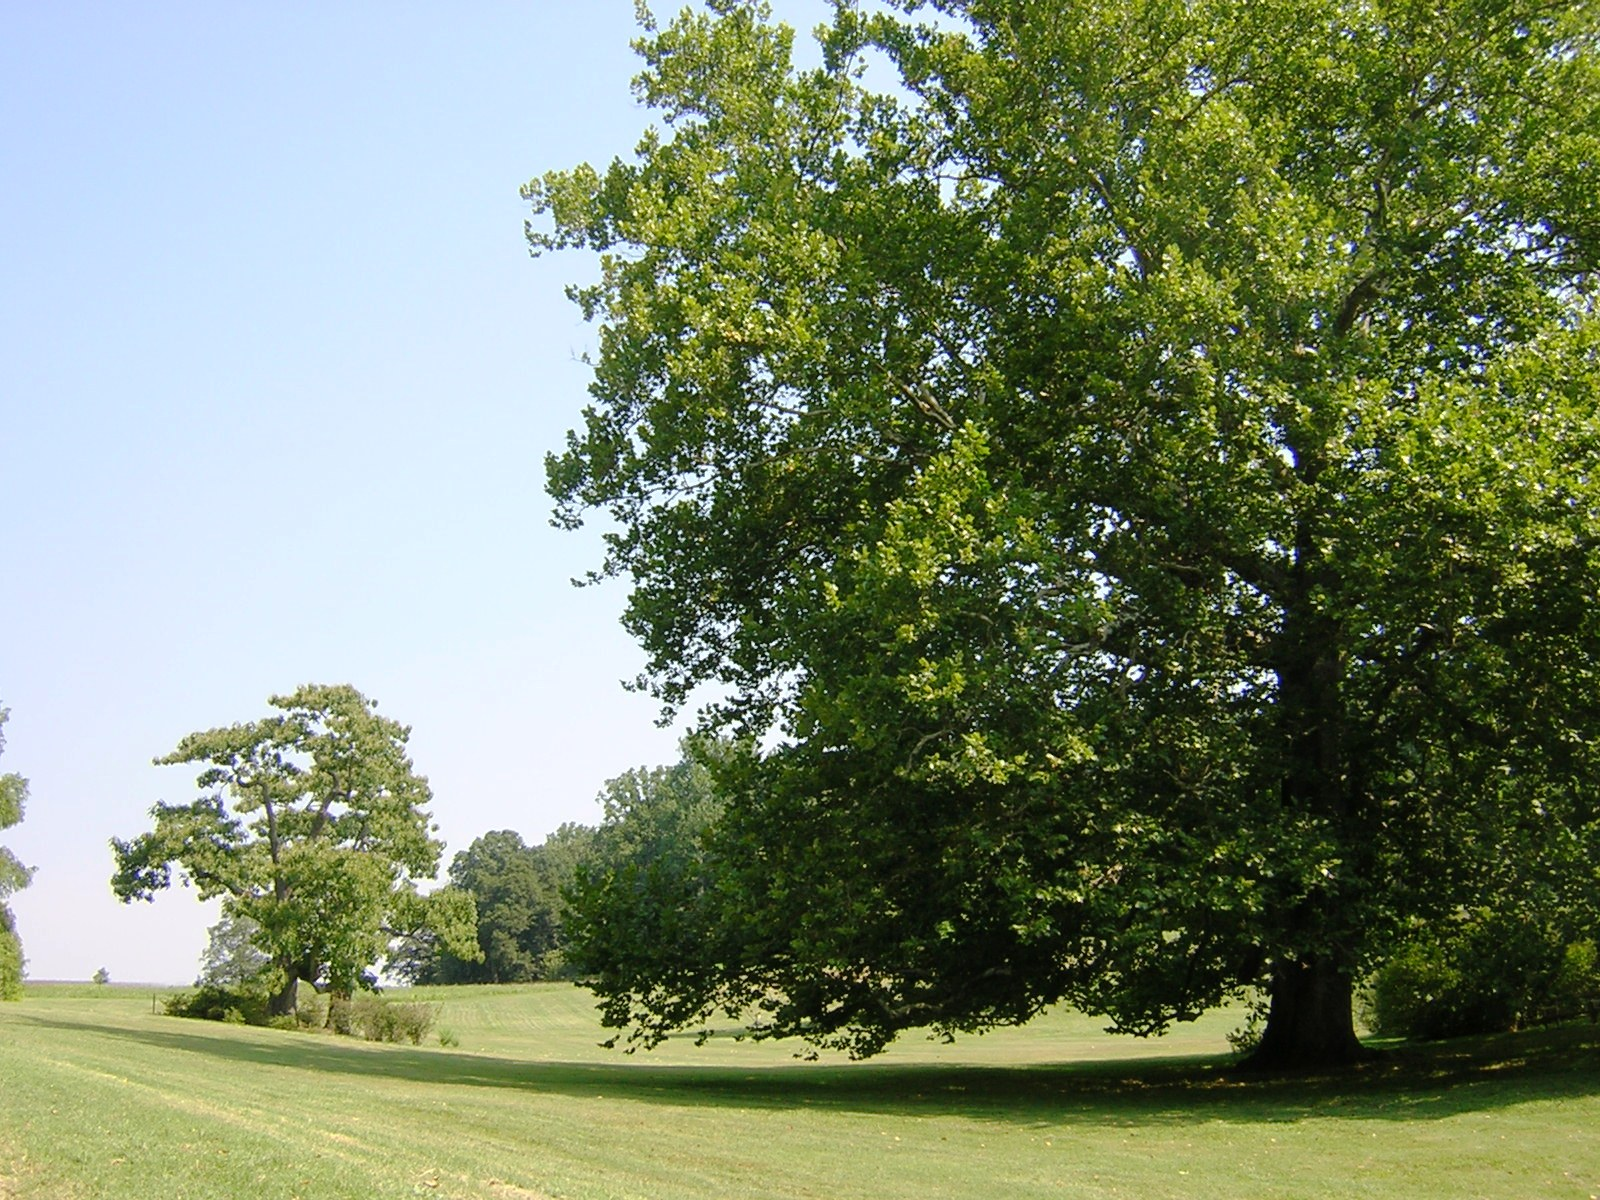 sycamore hill 8-24-2006 kls